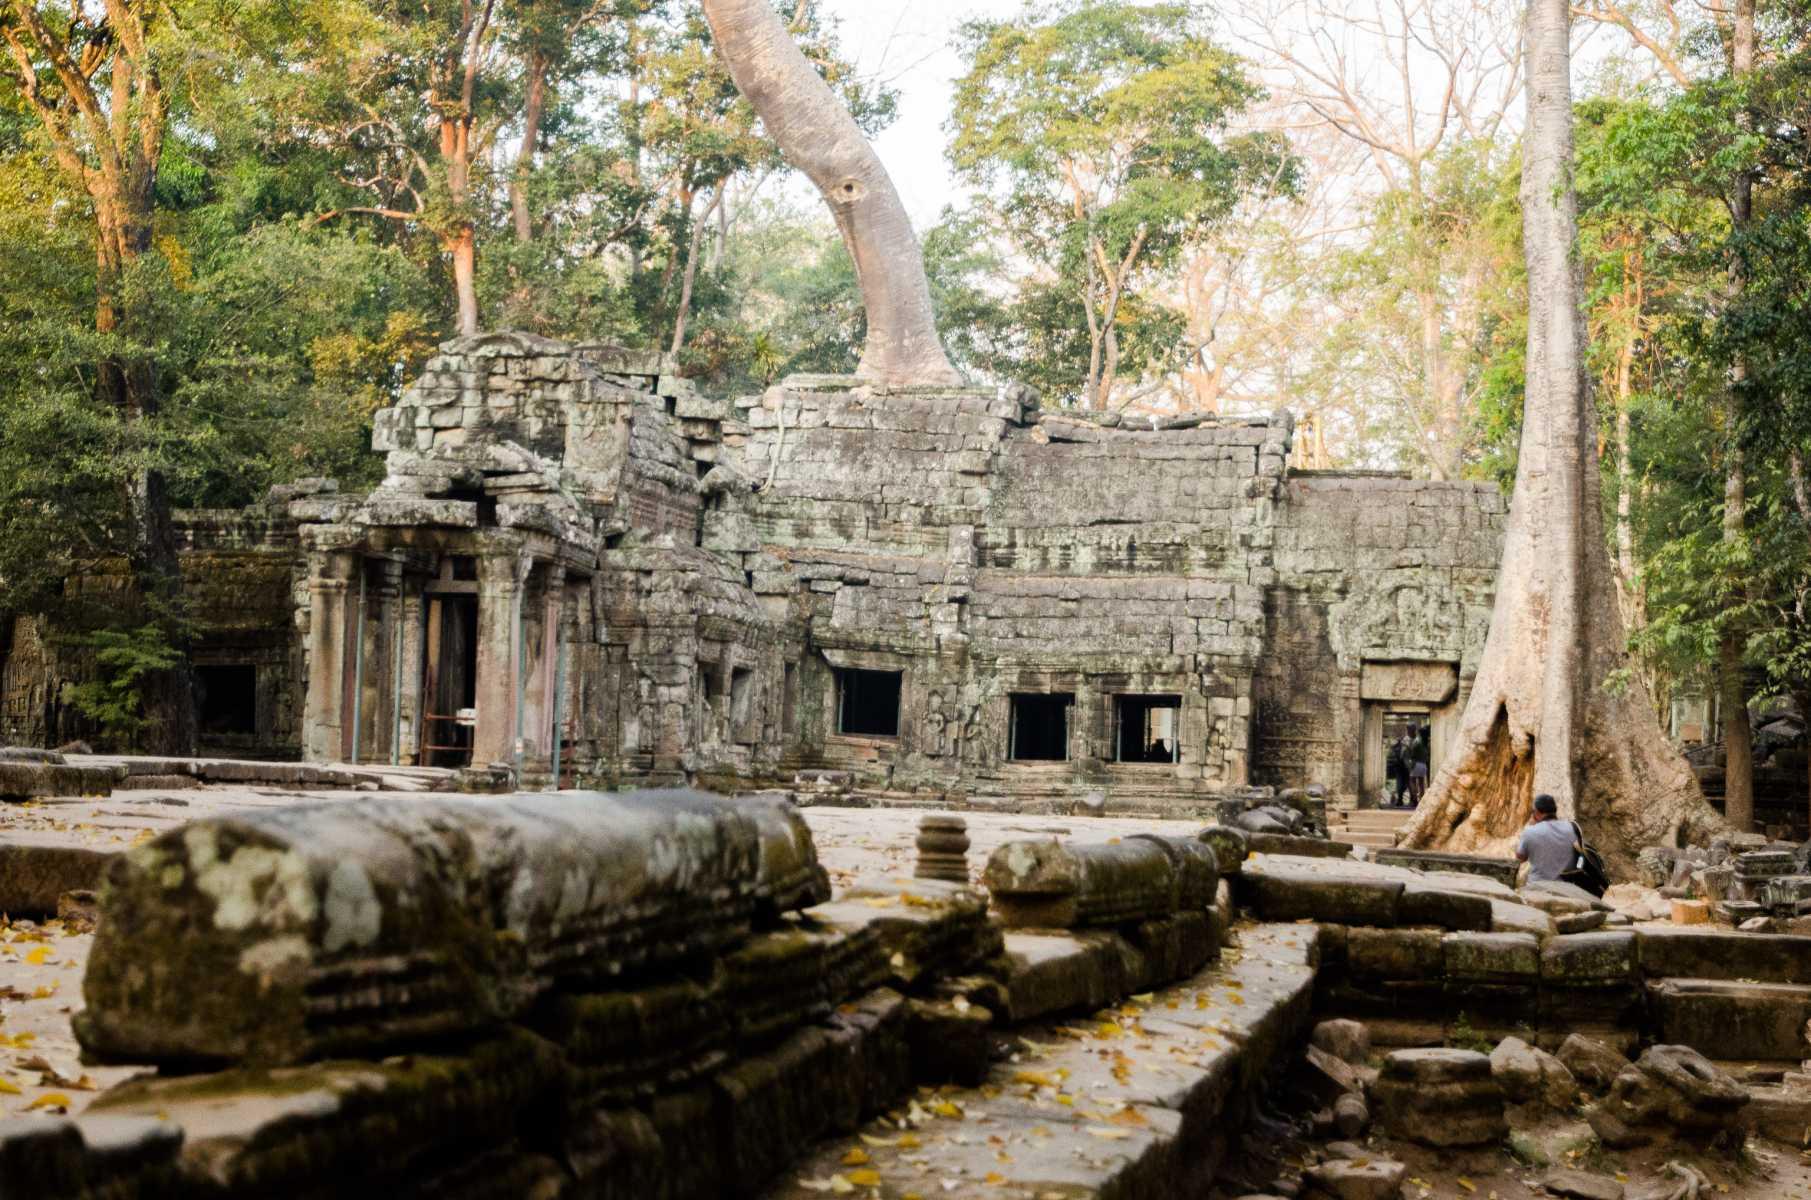 Cambodge - Angkor - Le temple de Ta Prohm, au pays d'Angkor